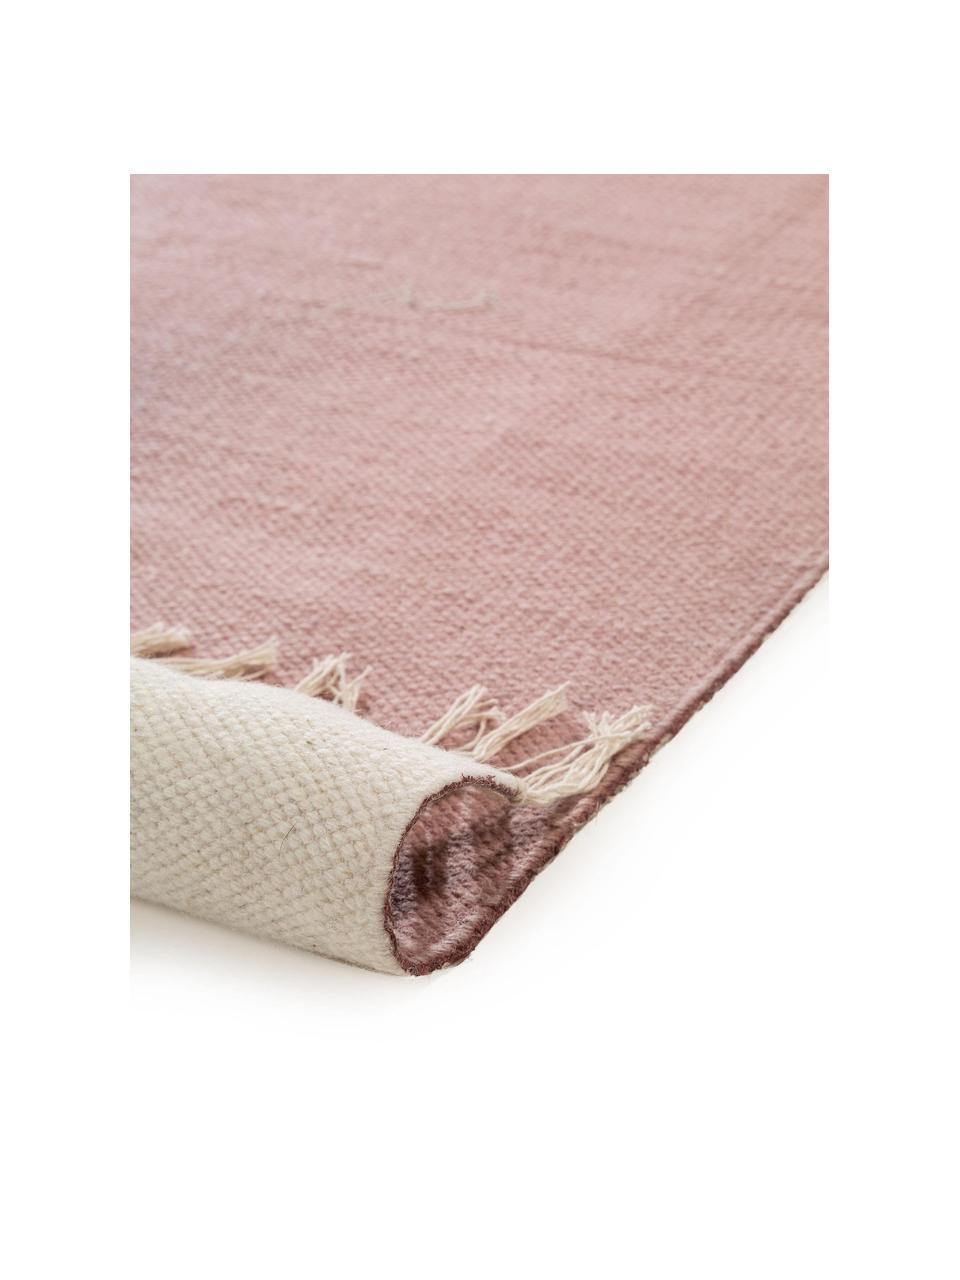 Gestreepte colorblocking vloerkleed Oasis van wol met franjes, 100% wol Bij wollen vloerkleden kunnen vezels loskomen in de eerste weken van gebruik, dit neemt af door dagelijks gebruik en pluizen wordt verminderd., Roze, beige, taupe, B 60 x L 120 cm (maat XS)